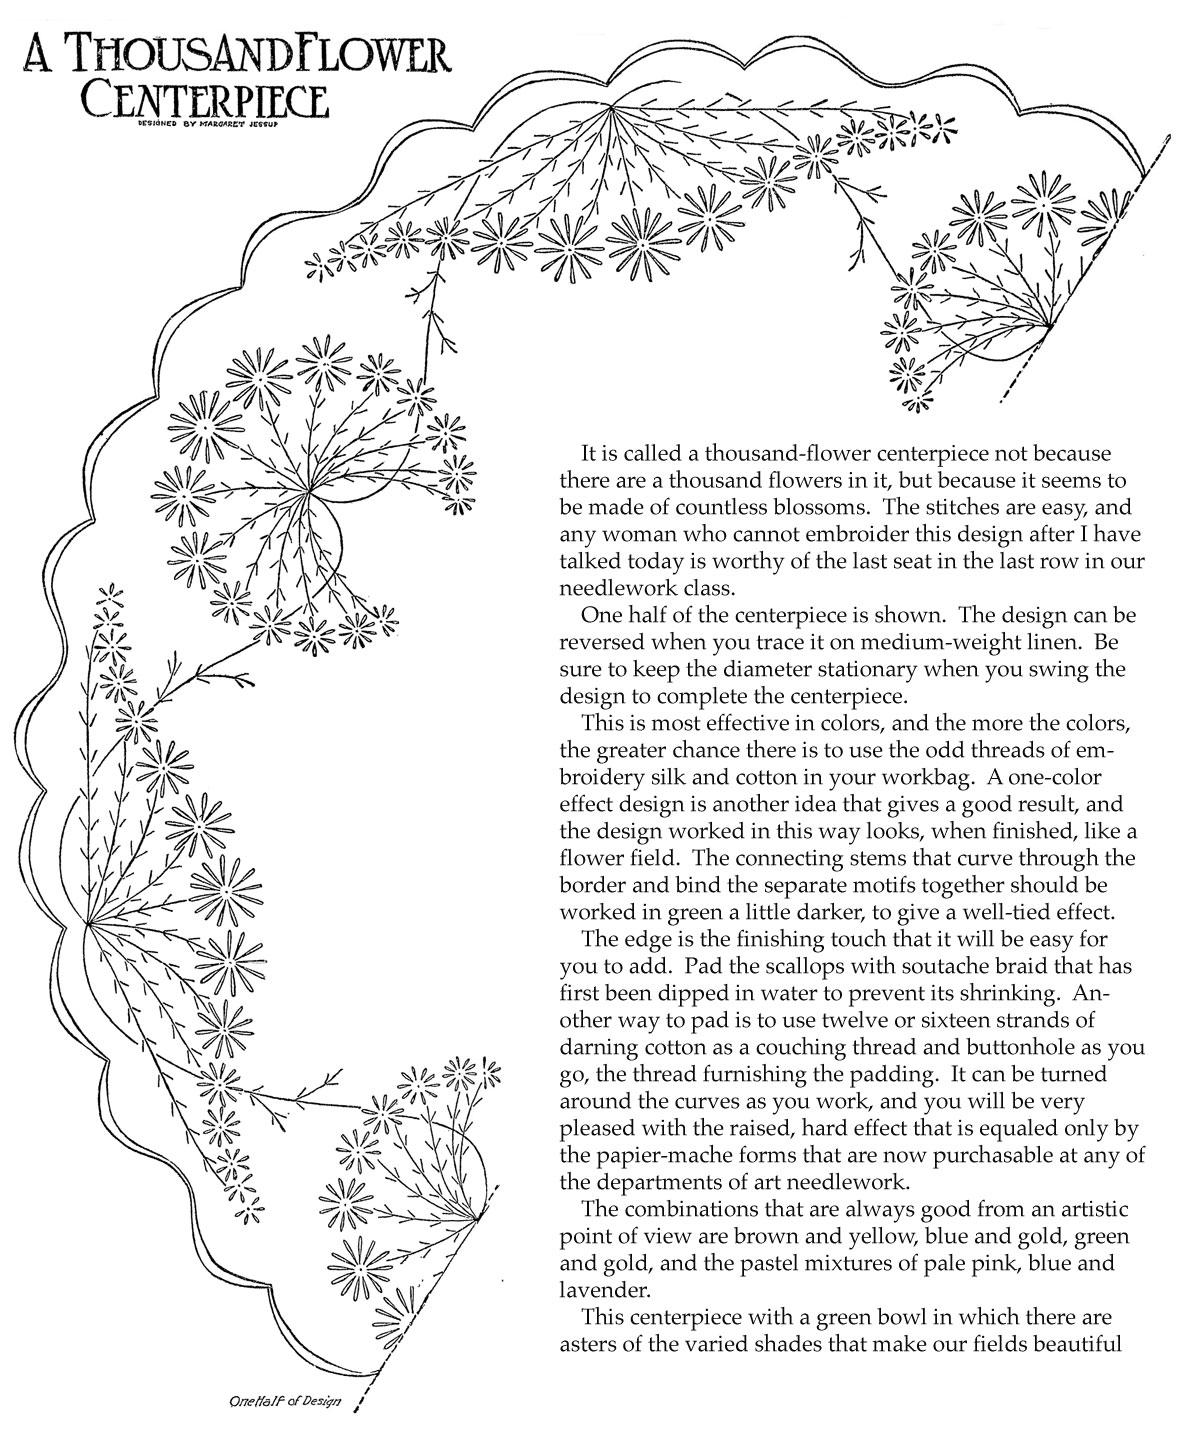 Thousand-Flower-Centerpiece